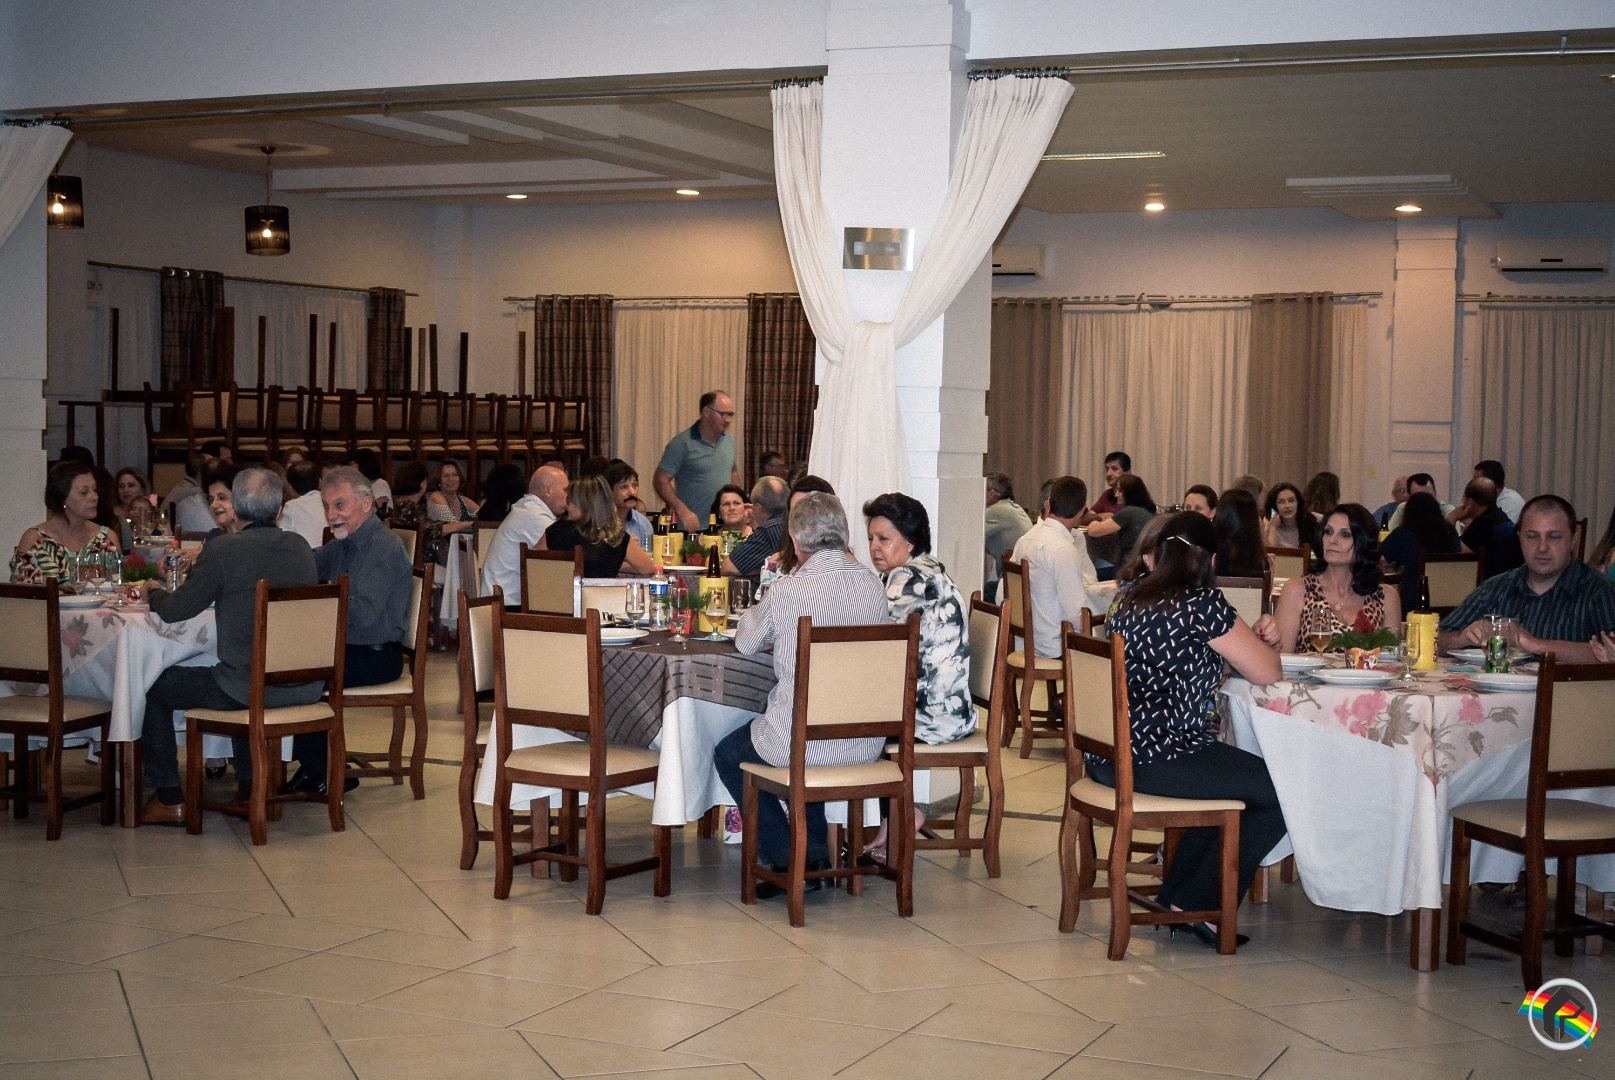 Associação dos Criadores de Bovinos do Extremo Oeste promove jantar